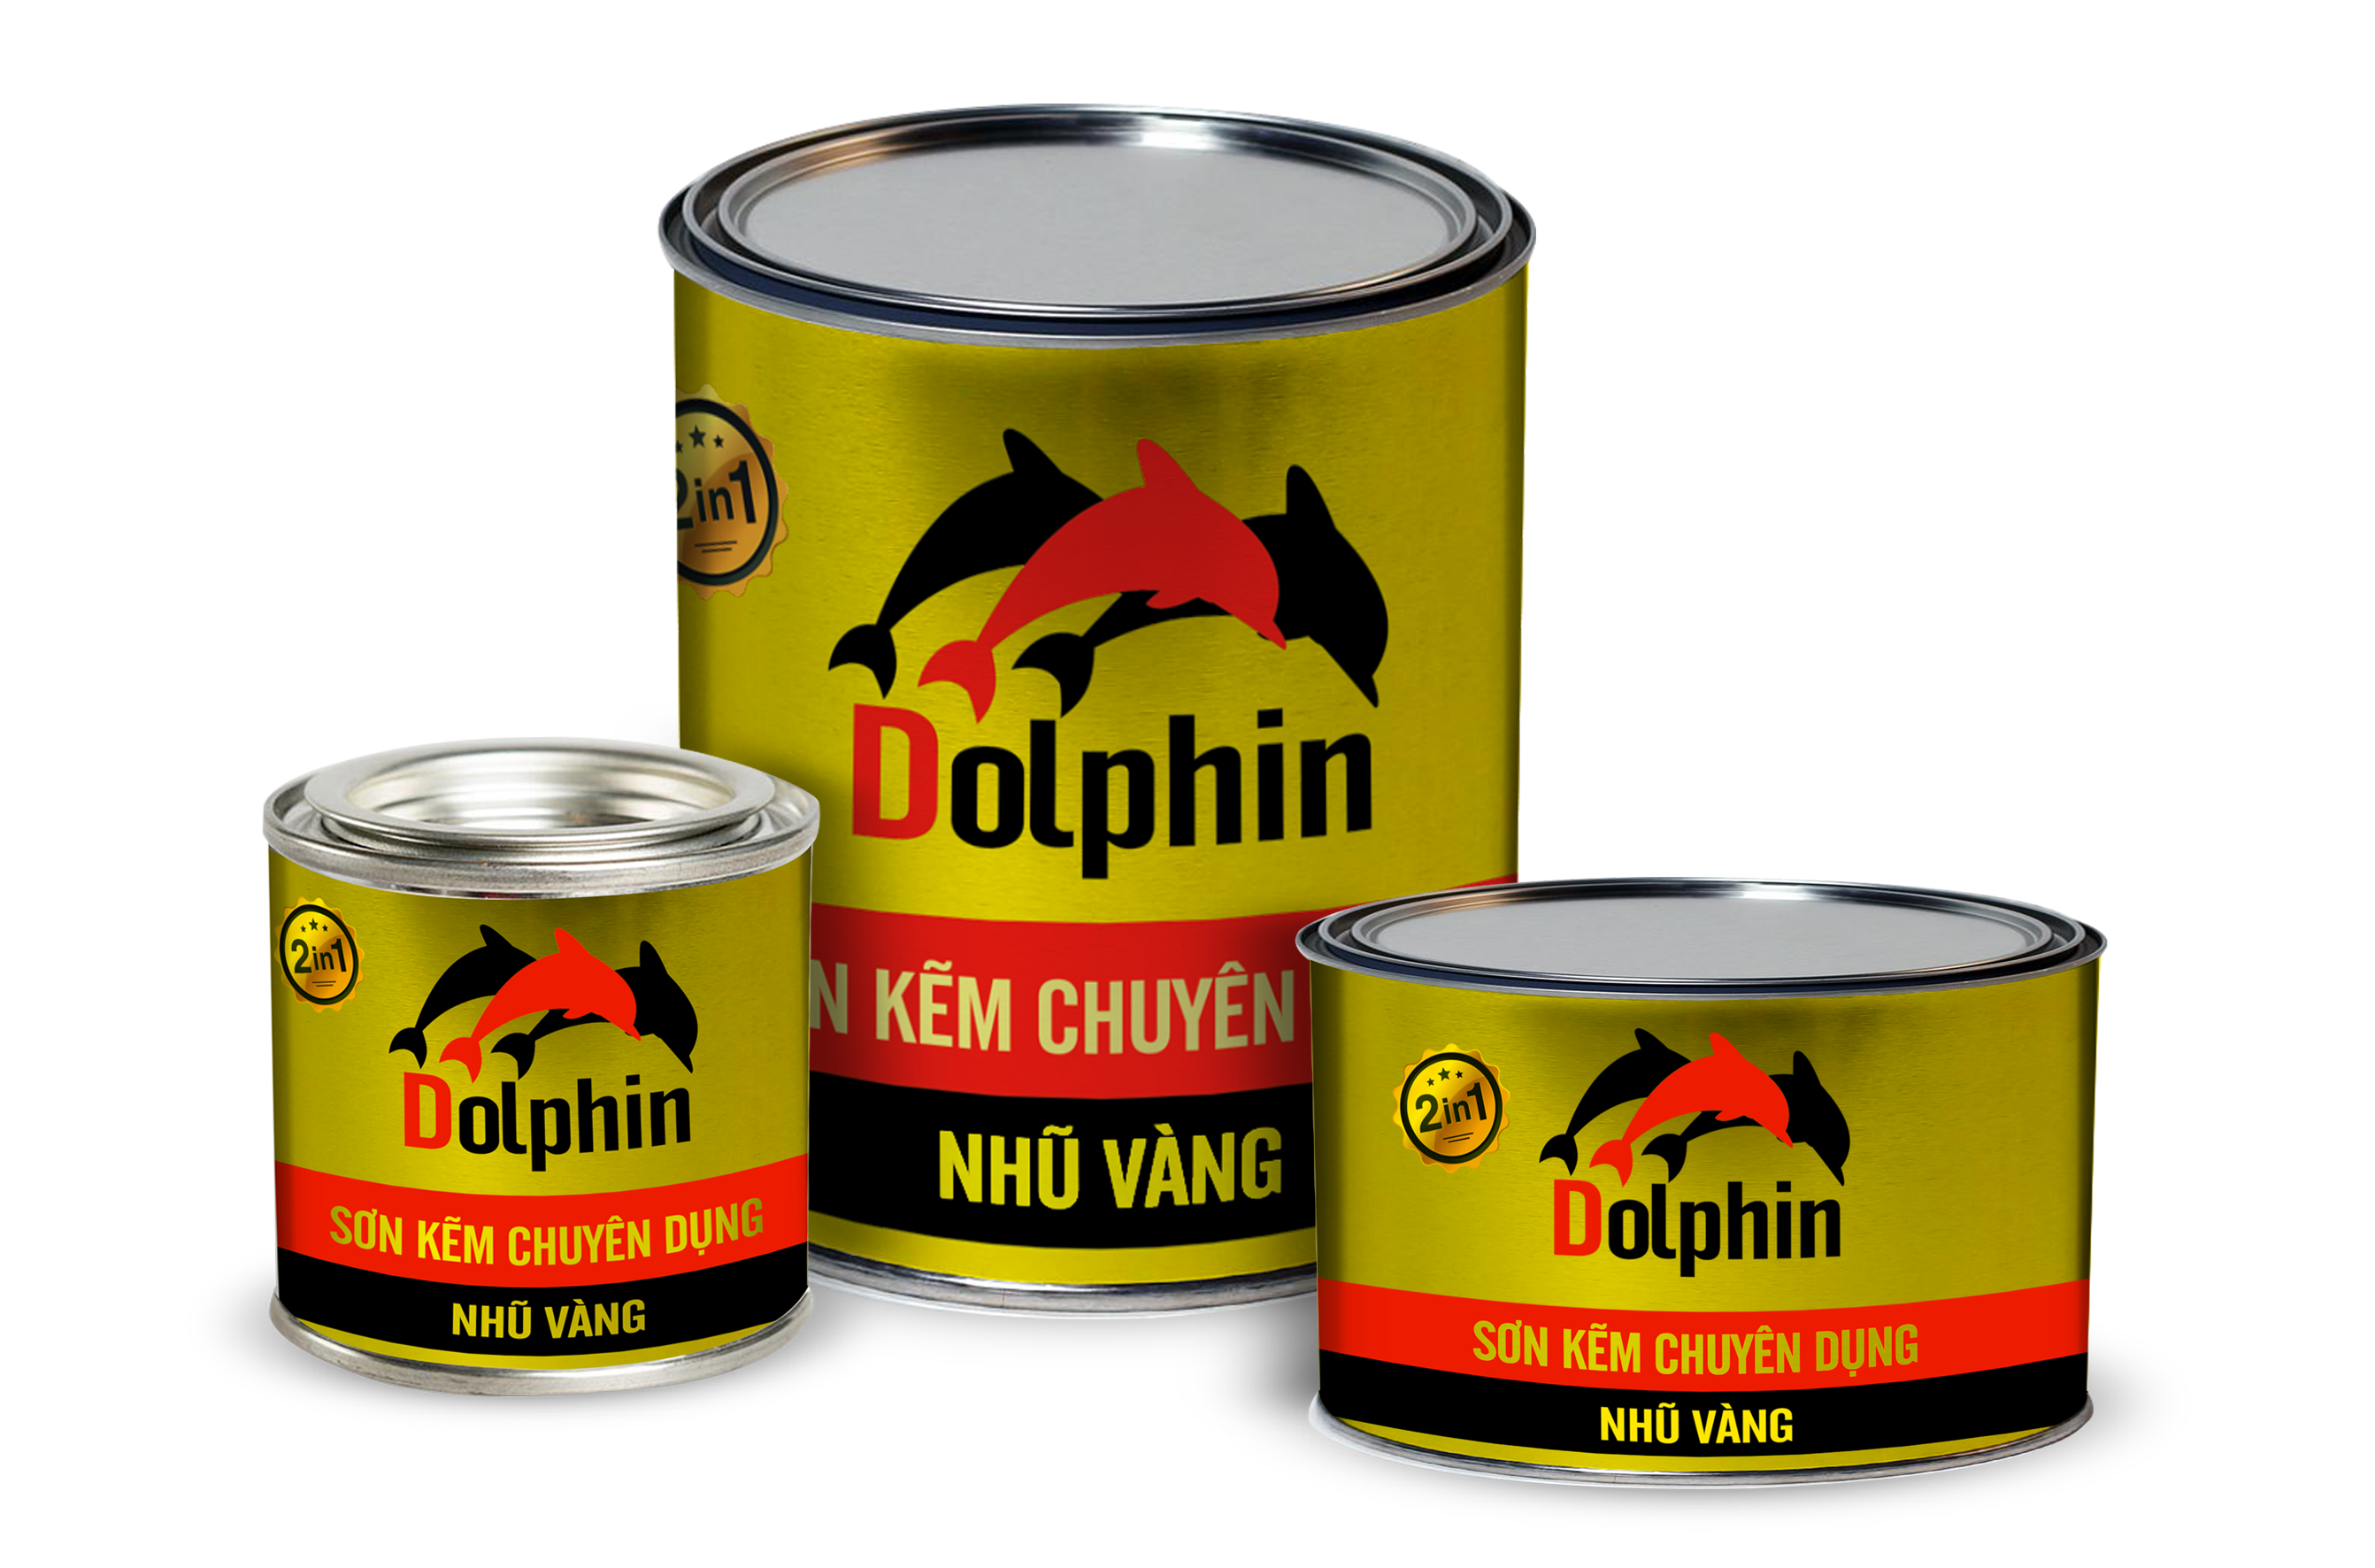 Dolphin nhũ vàng 808